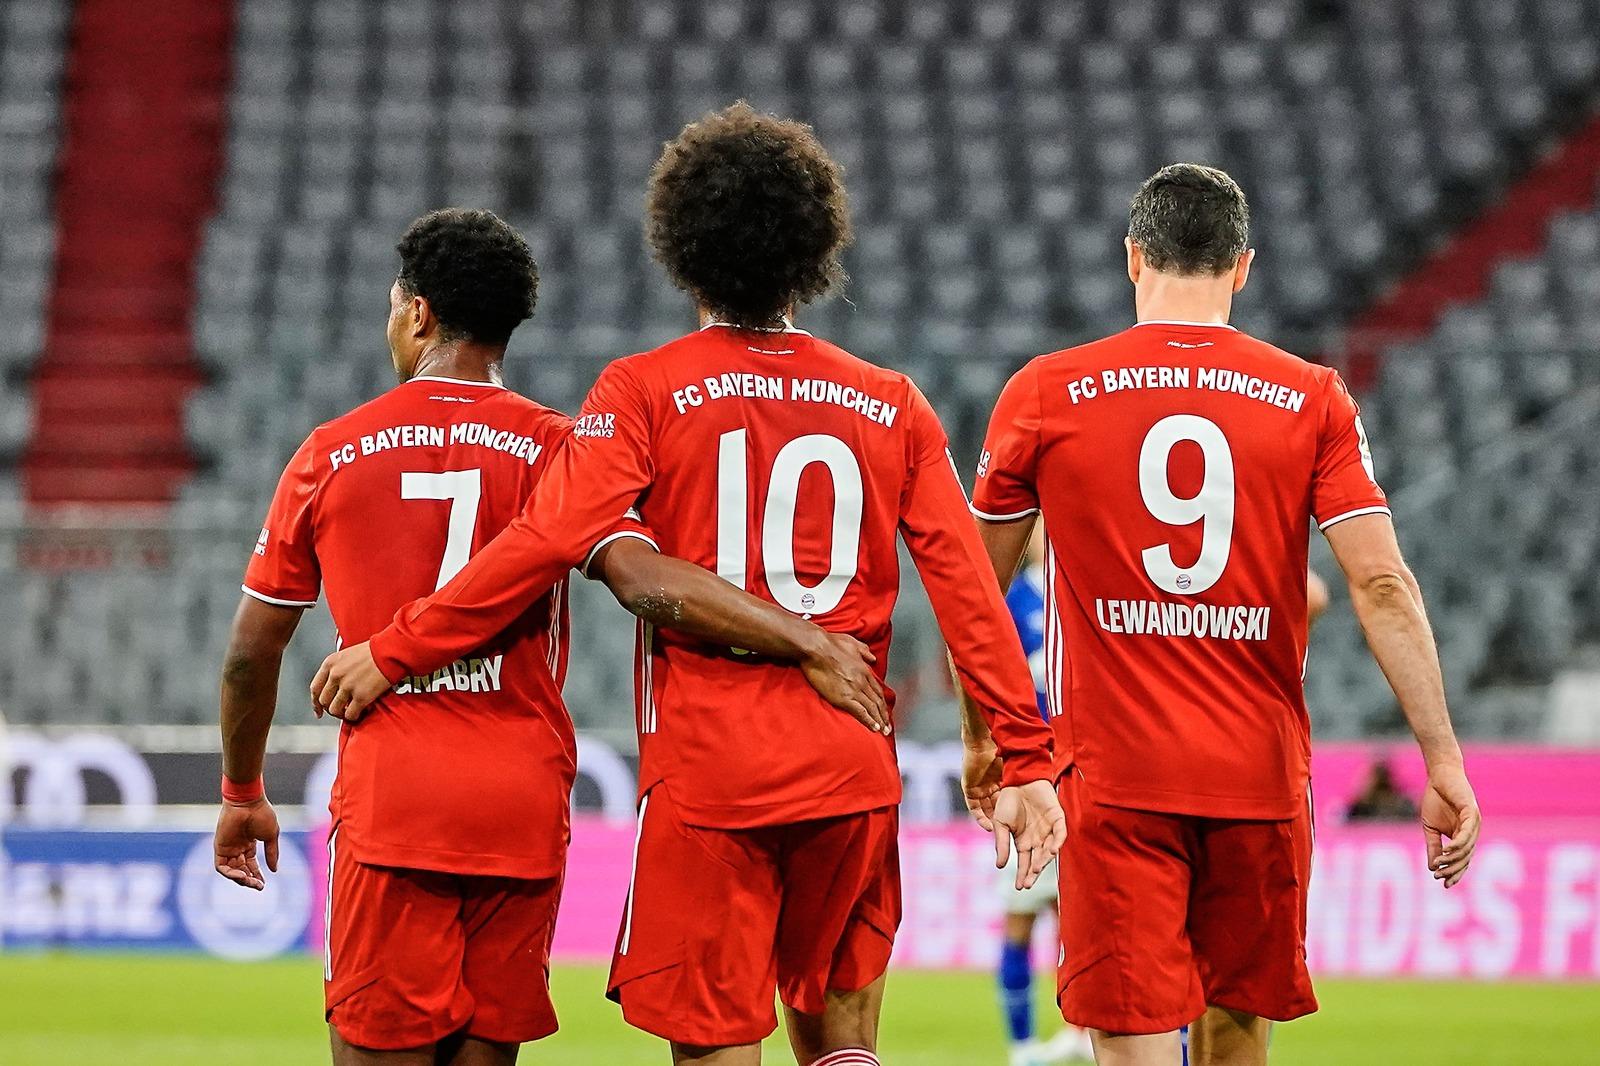 ¡Que bávaro! Bayern Munich golea 8-0 al Schalke 04. Noticias en tiempo real